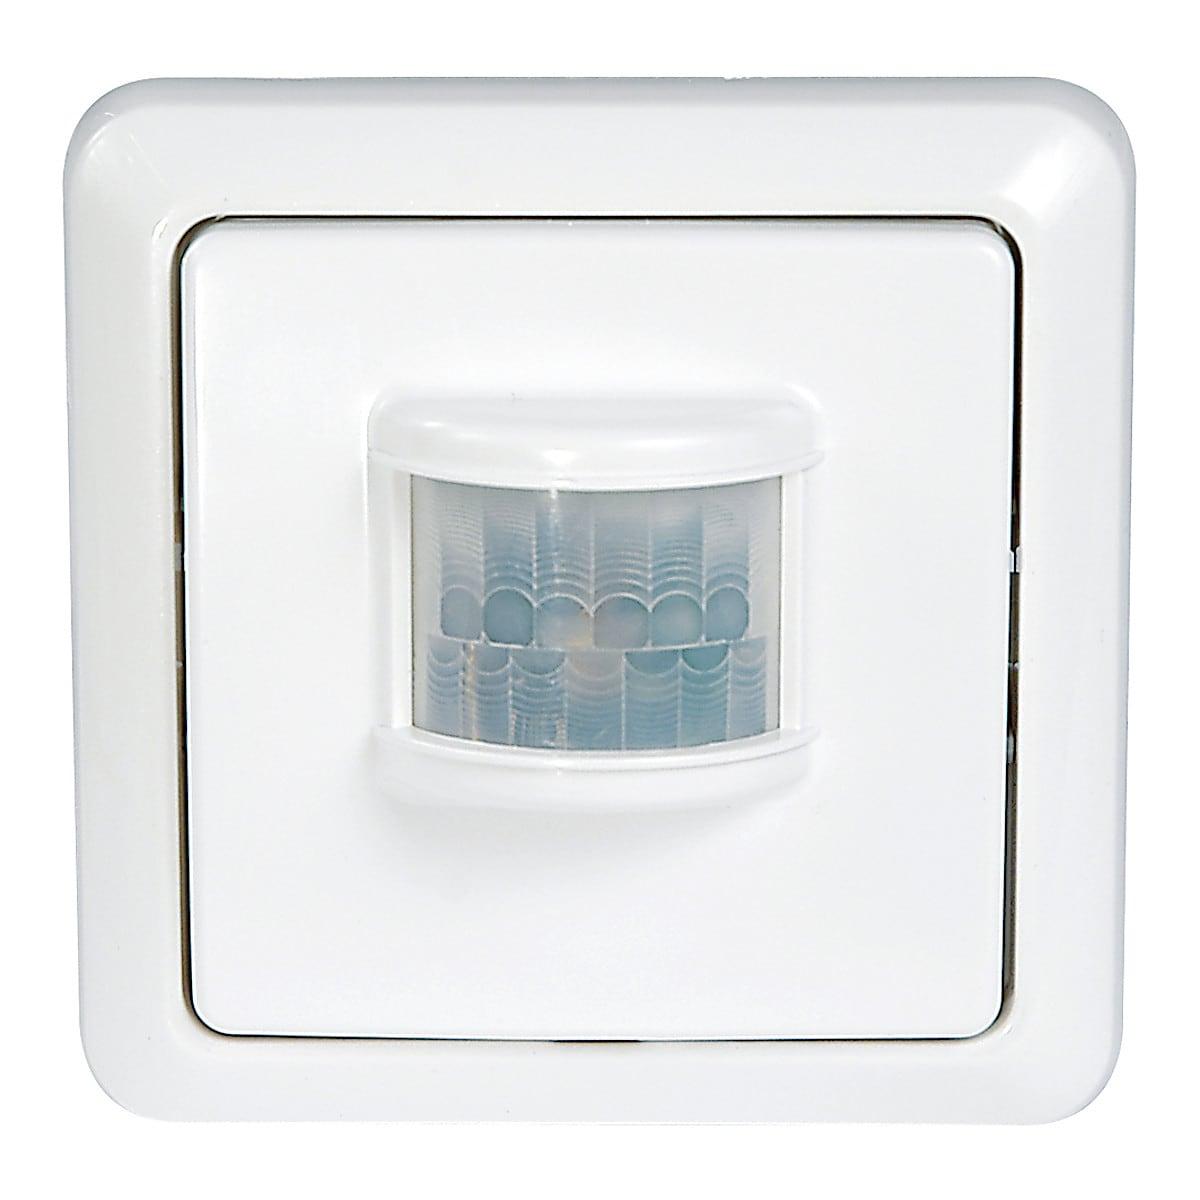 Nexa LMDT-609 innendørs bevegelsesdetektor